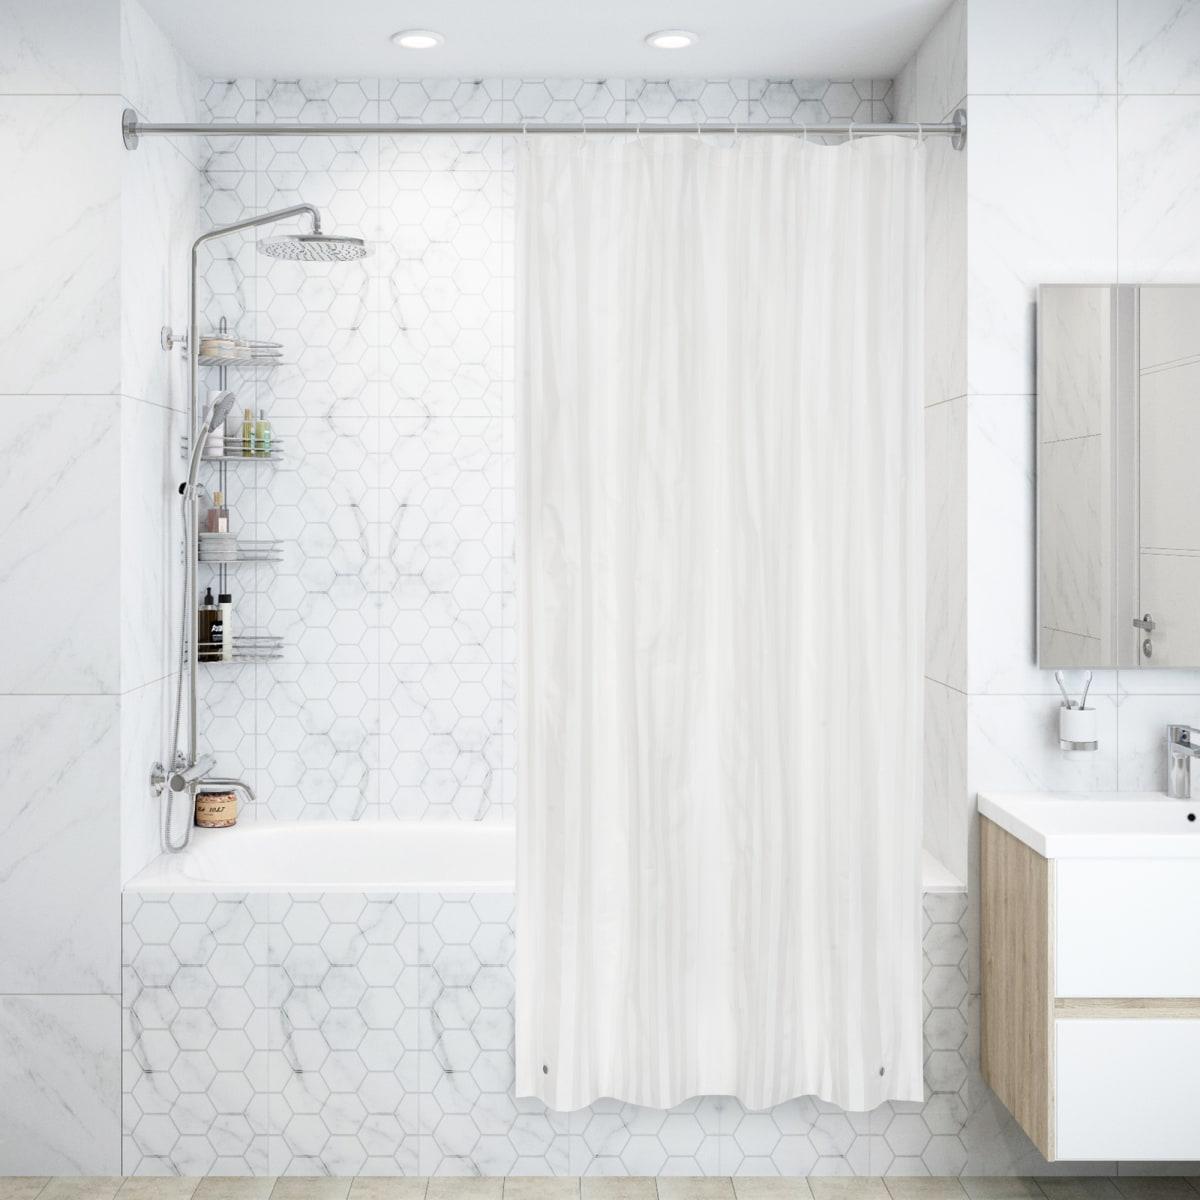 Штора для ванны Банги с кольцами 120х200 см, полиэтиленвинилацетат, цвет белый